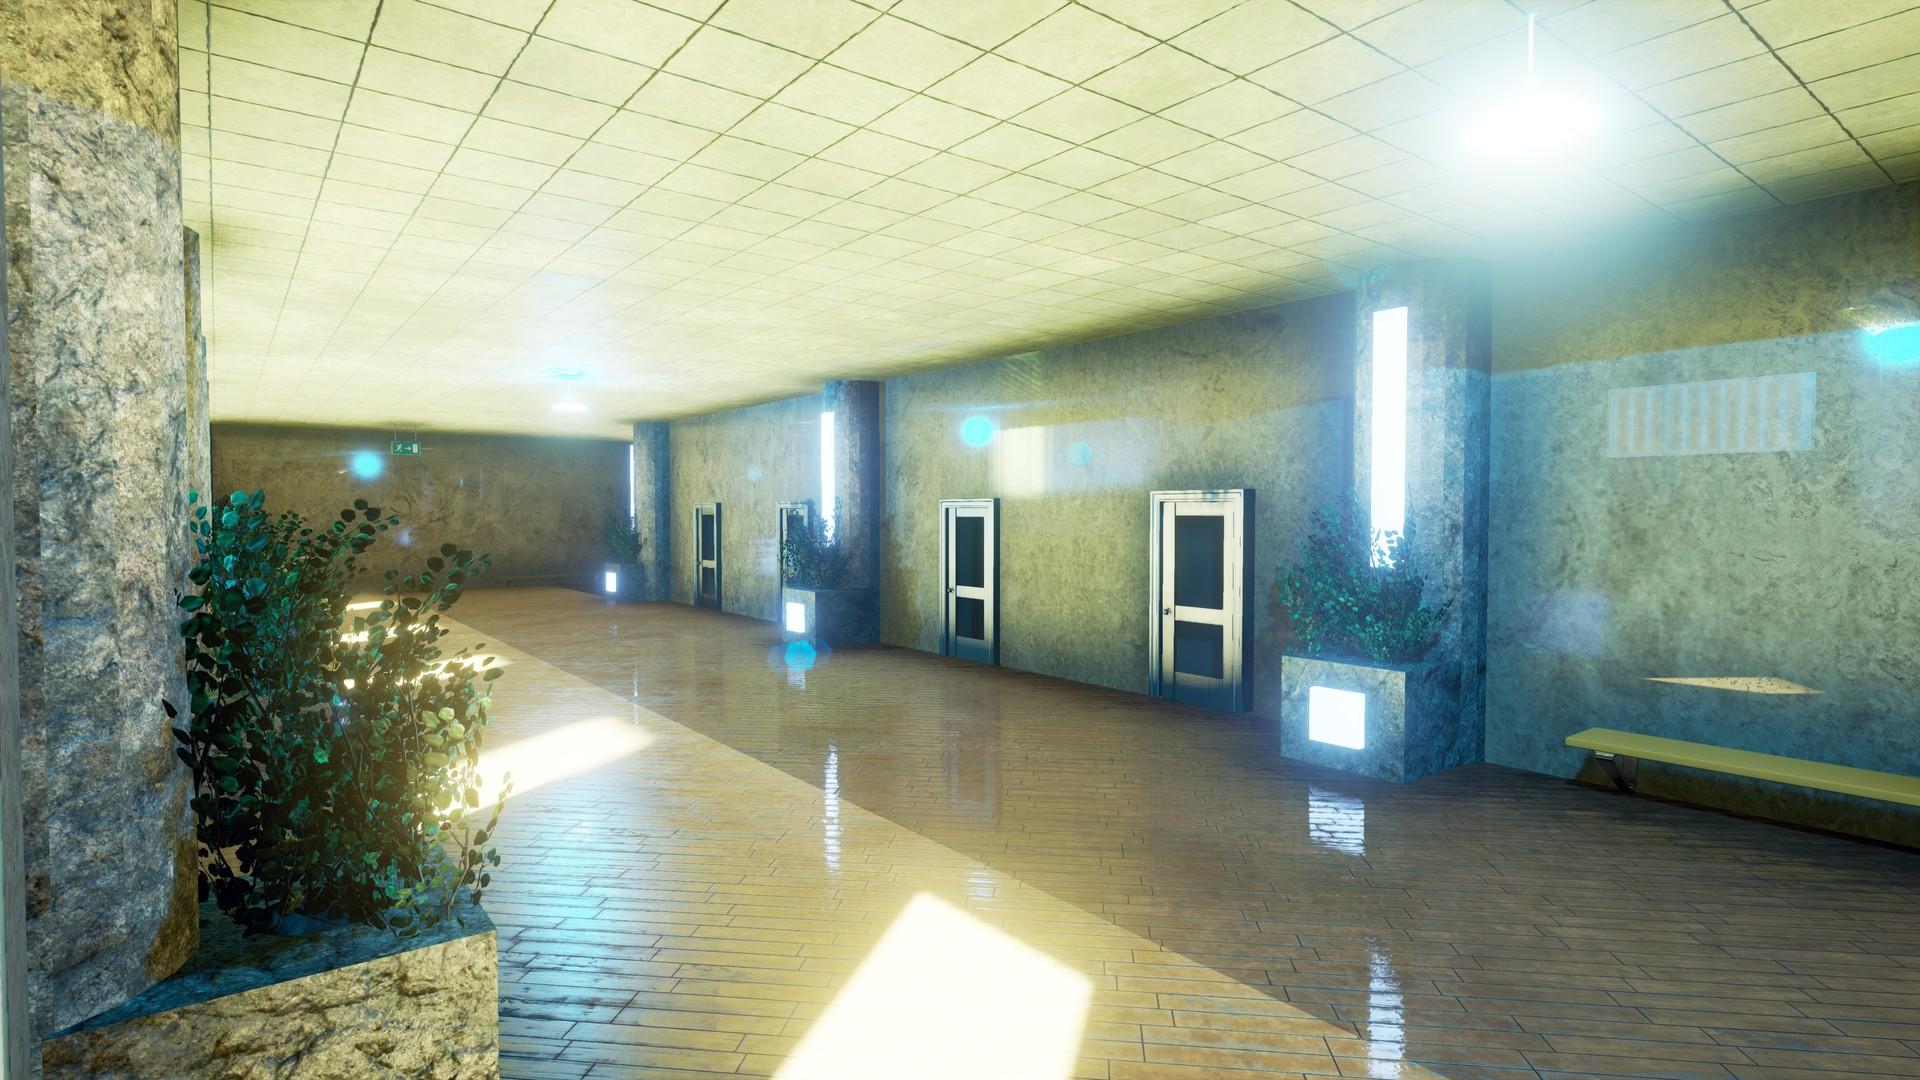 Shot #3 - Corridor(Zoomed in)